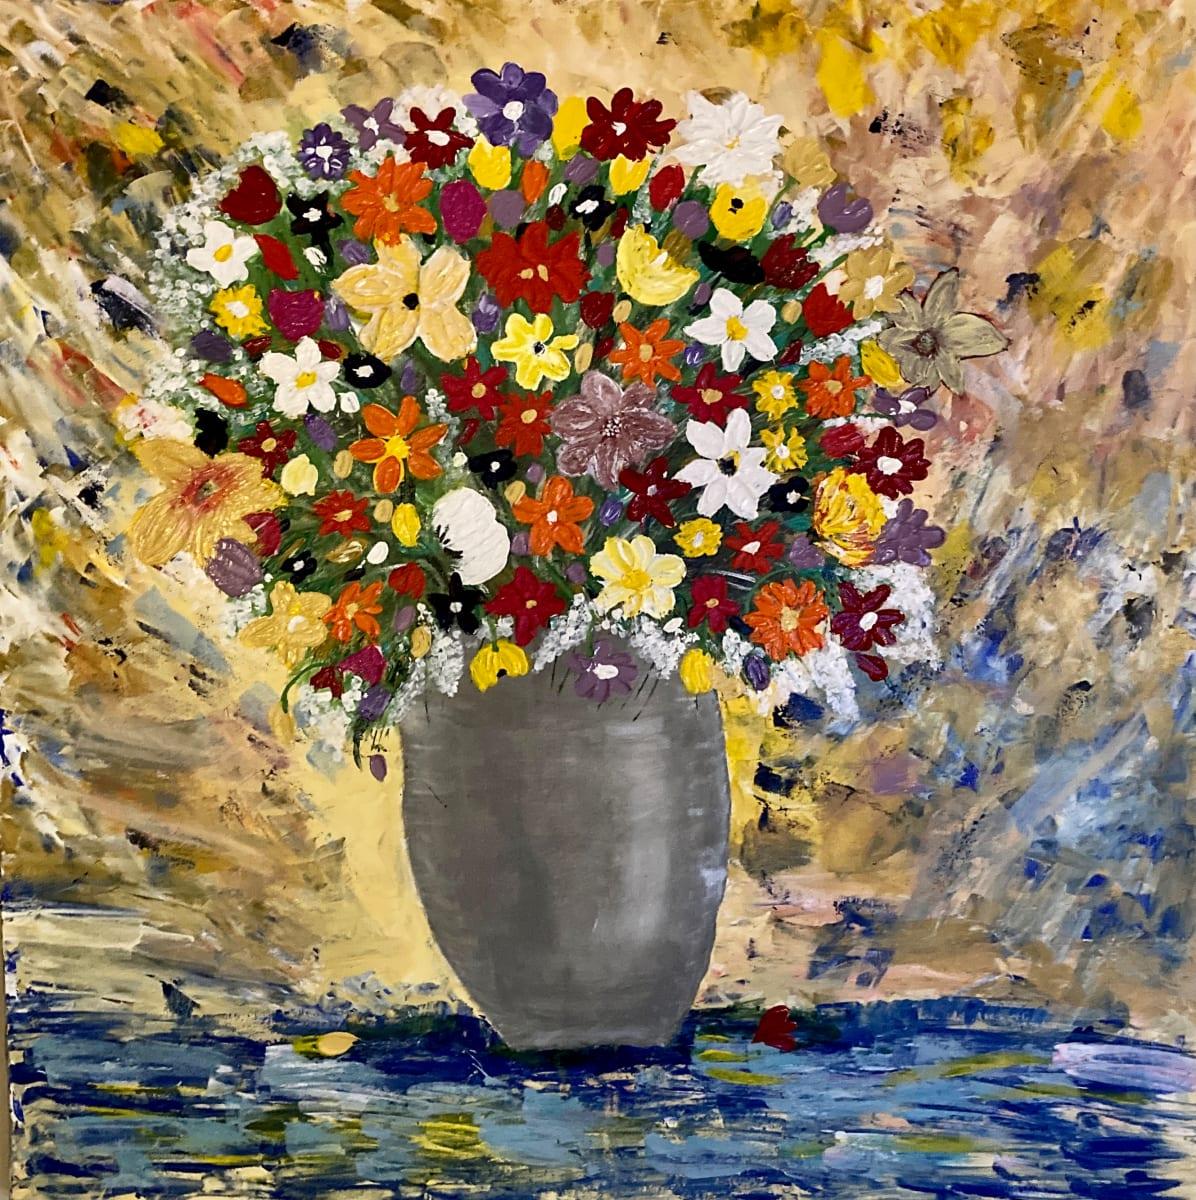 Floral Bouquet by Julie Crisan